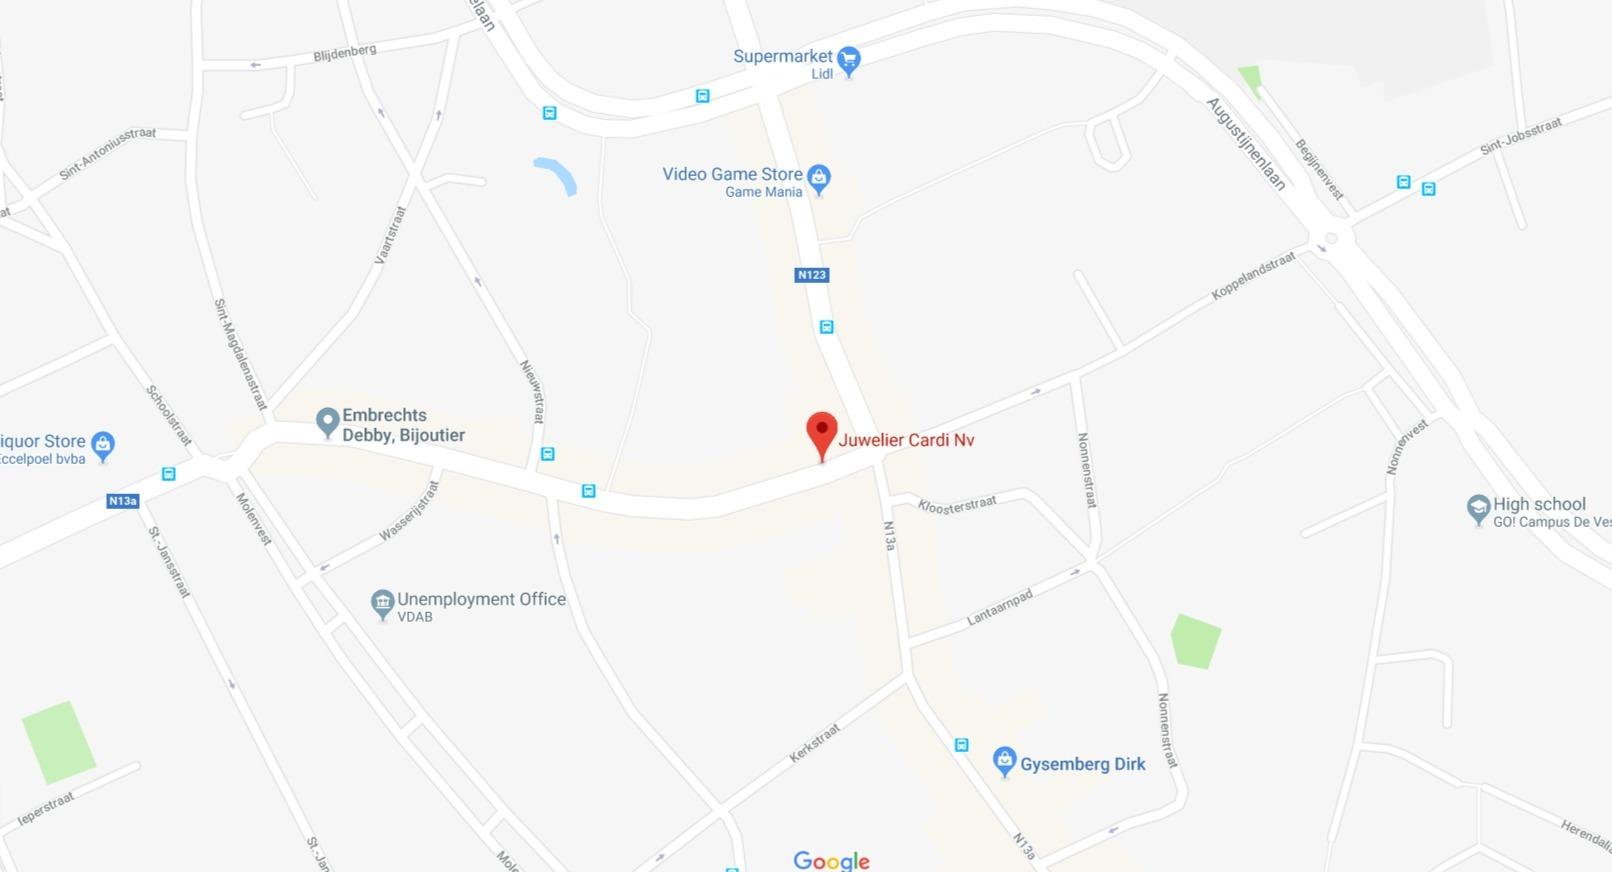 Juwelier Cardi Nv Google Maps (1)